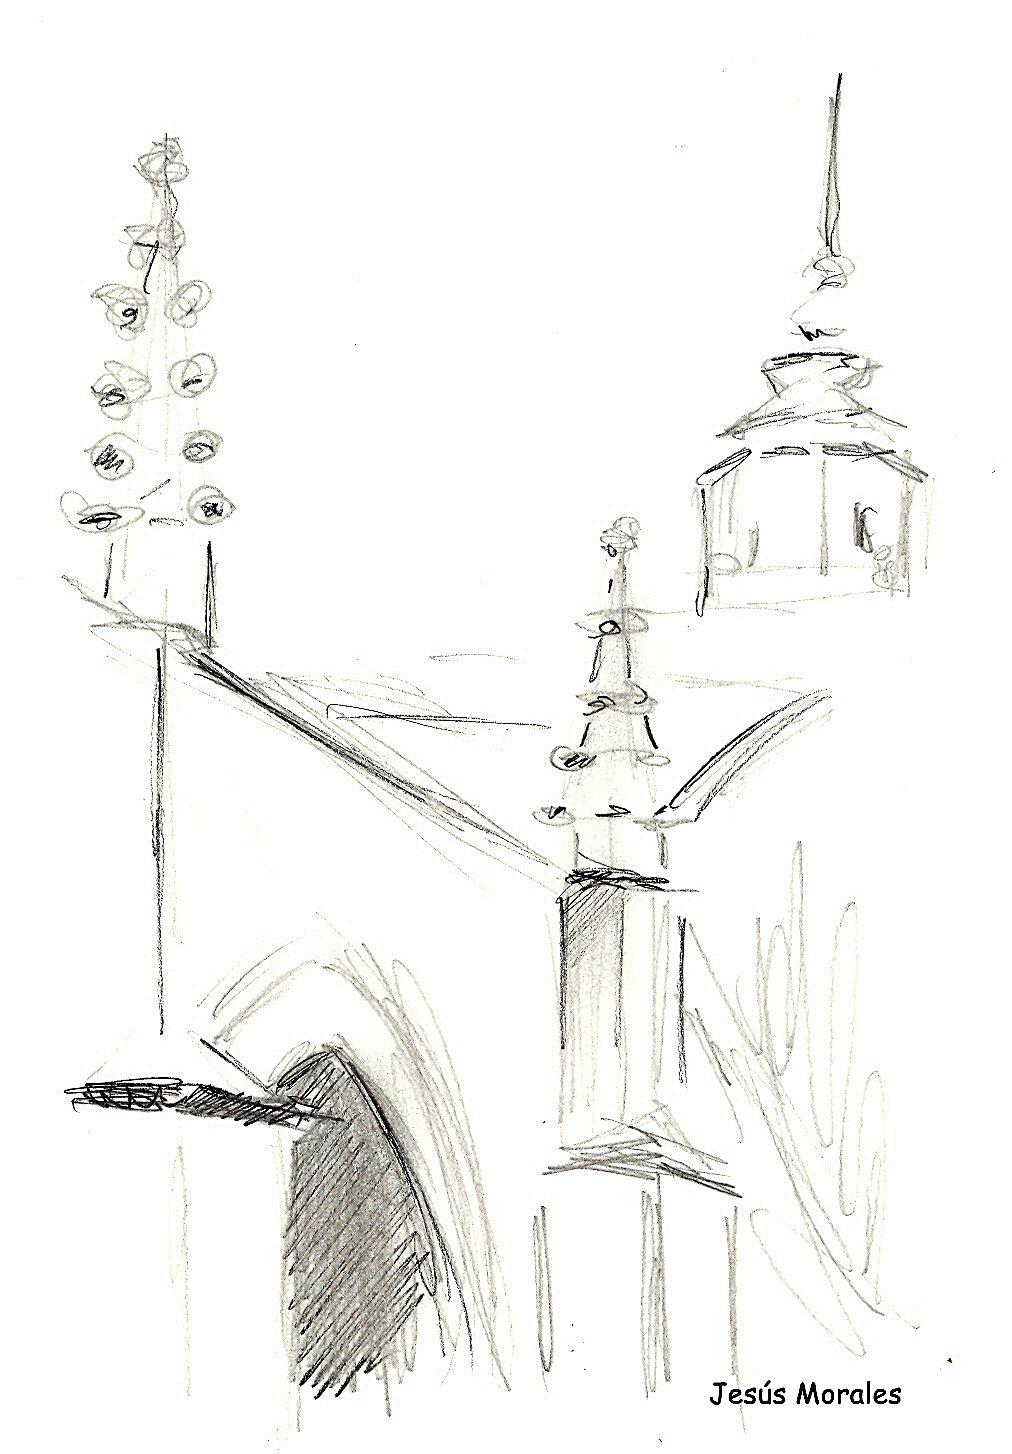 Dibujo de detalle arquitectónico de la Colegial de Jesús Morales